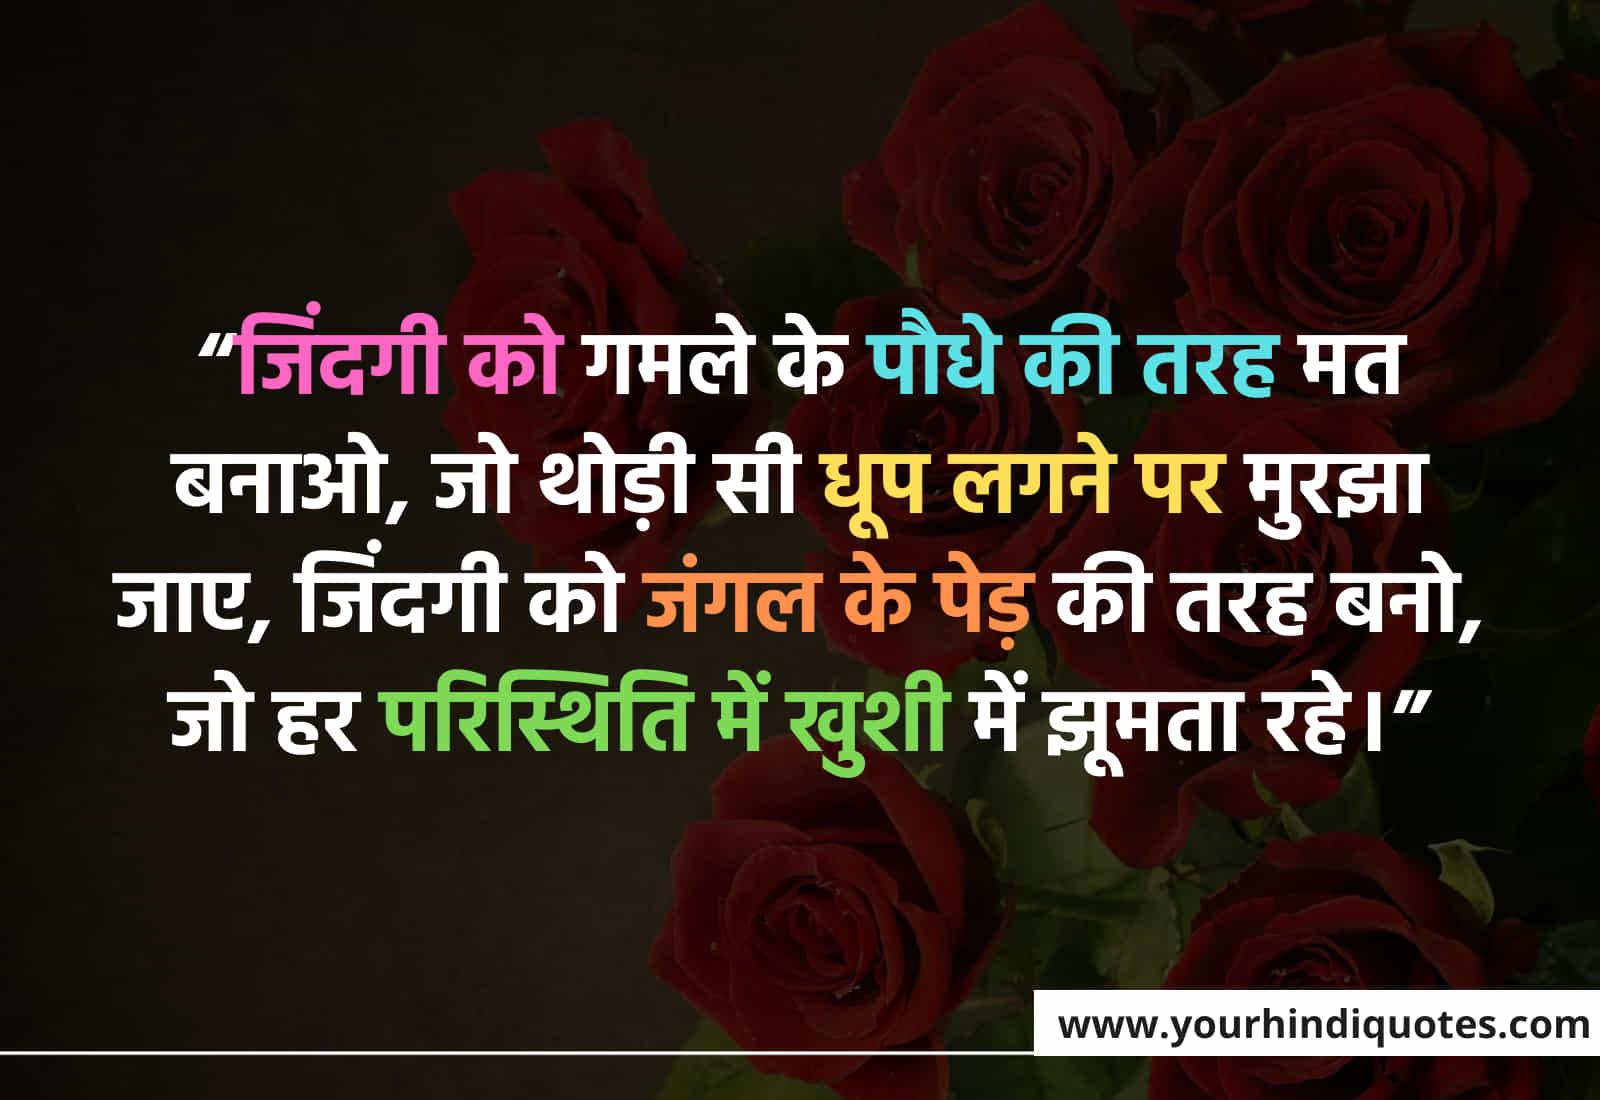 Hindi Good Morning Shayari